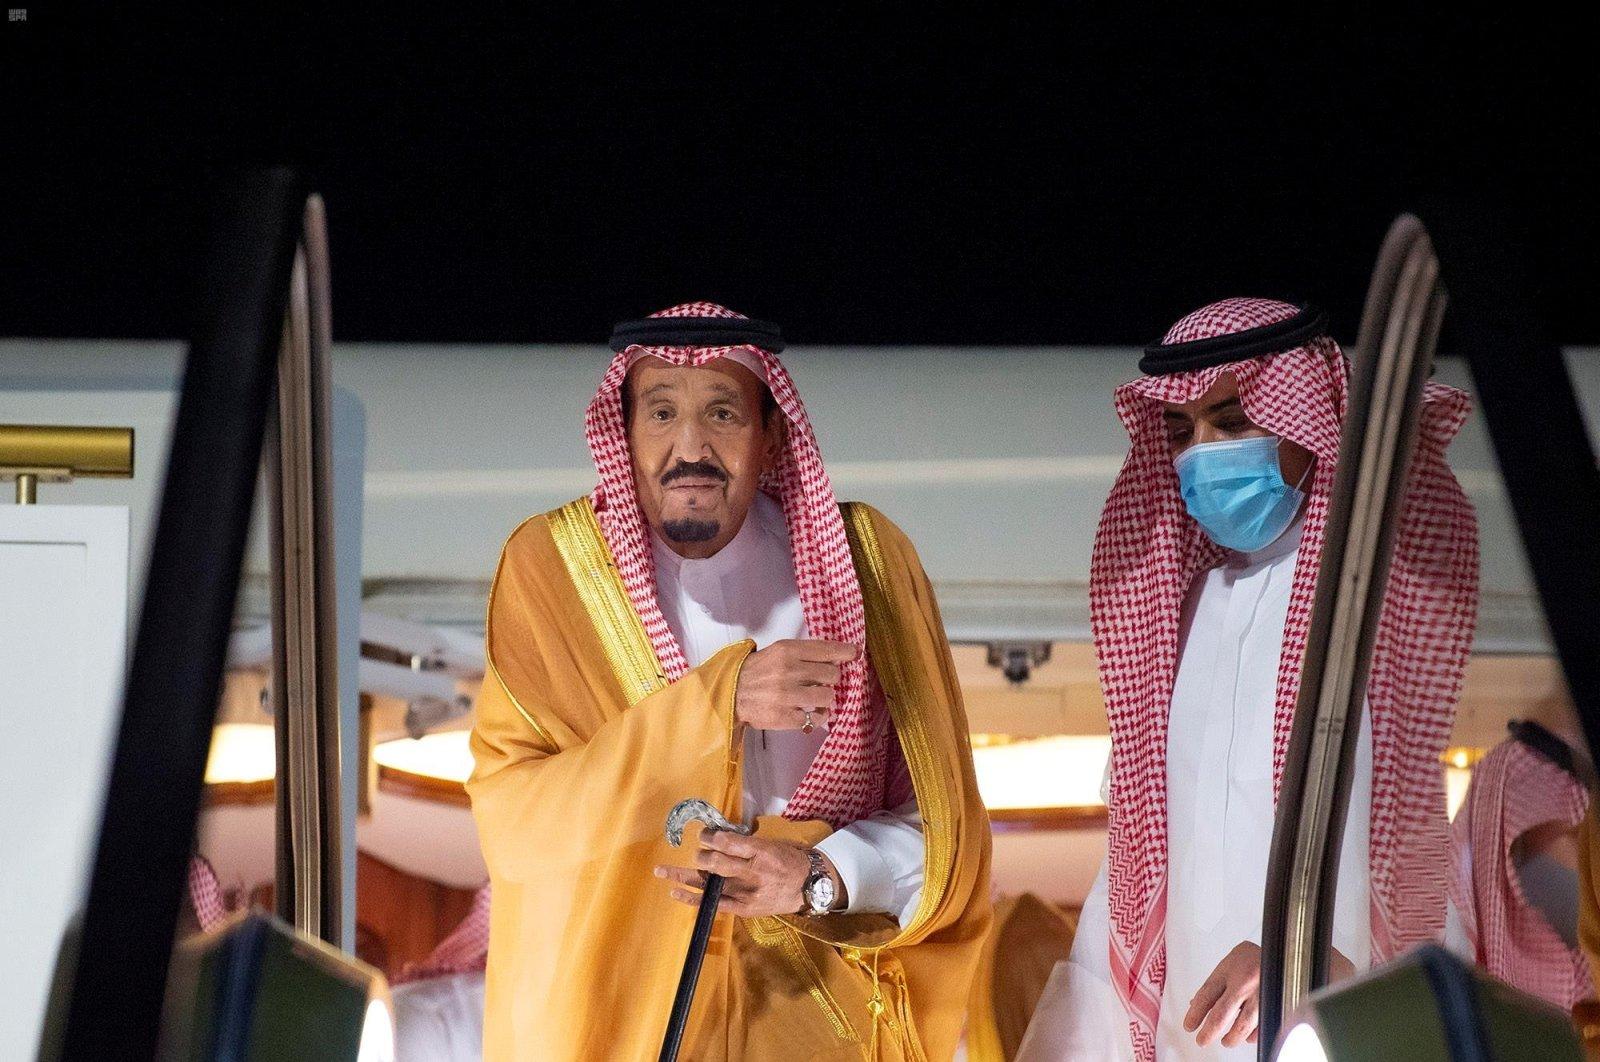 Saudi King Salman bin Abdulaziz arrives at NEOM economy zone's airport in Neom, Saudi Arabia, Aug. 12, 2020. (Saudi Press Agency via Reuters)